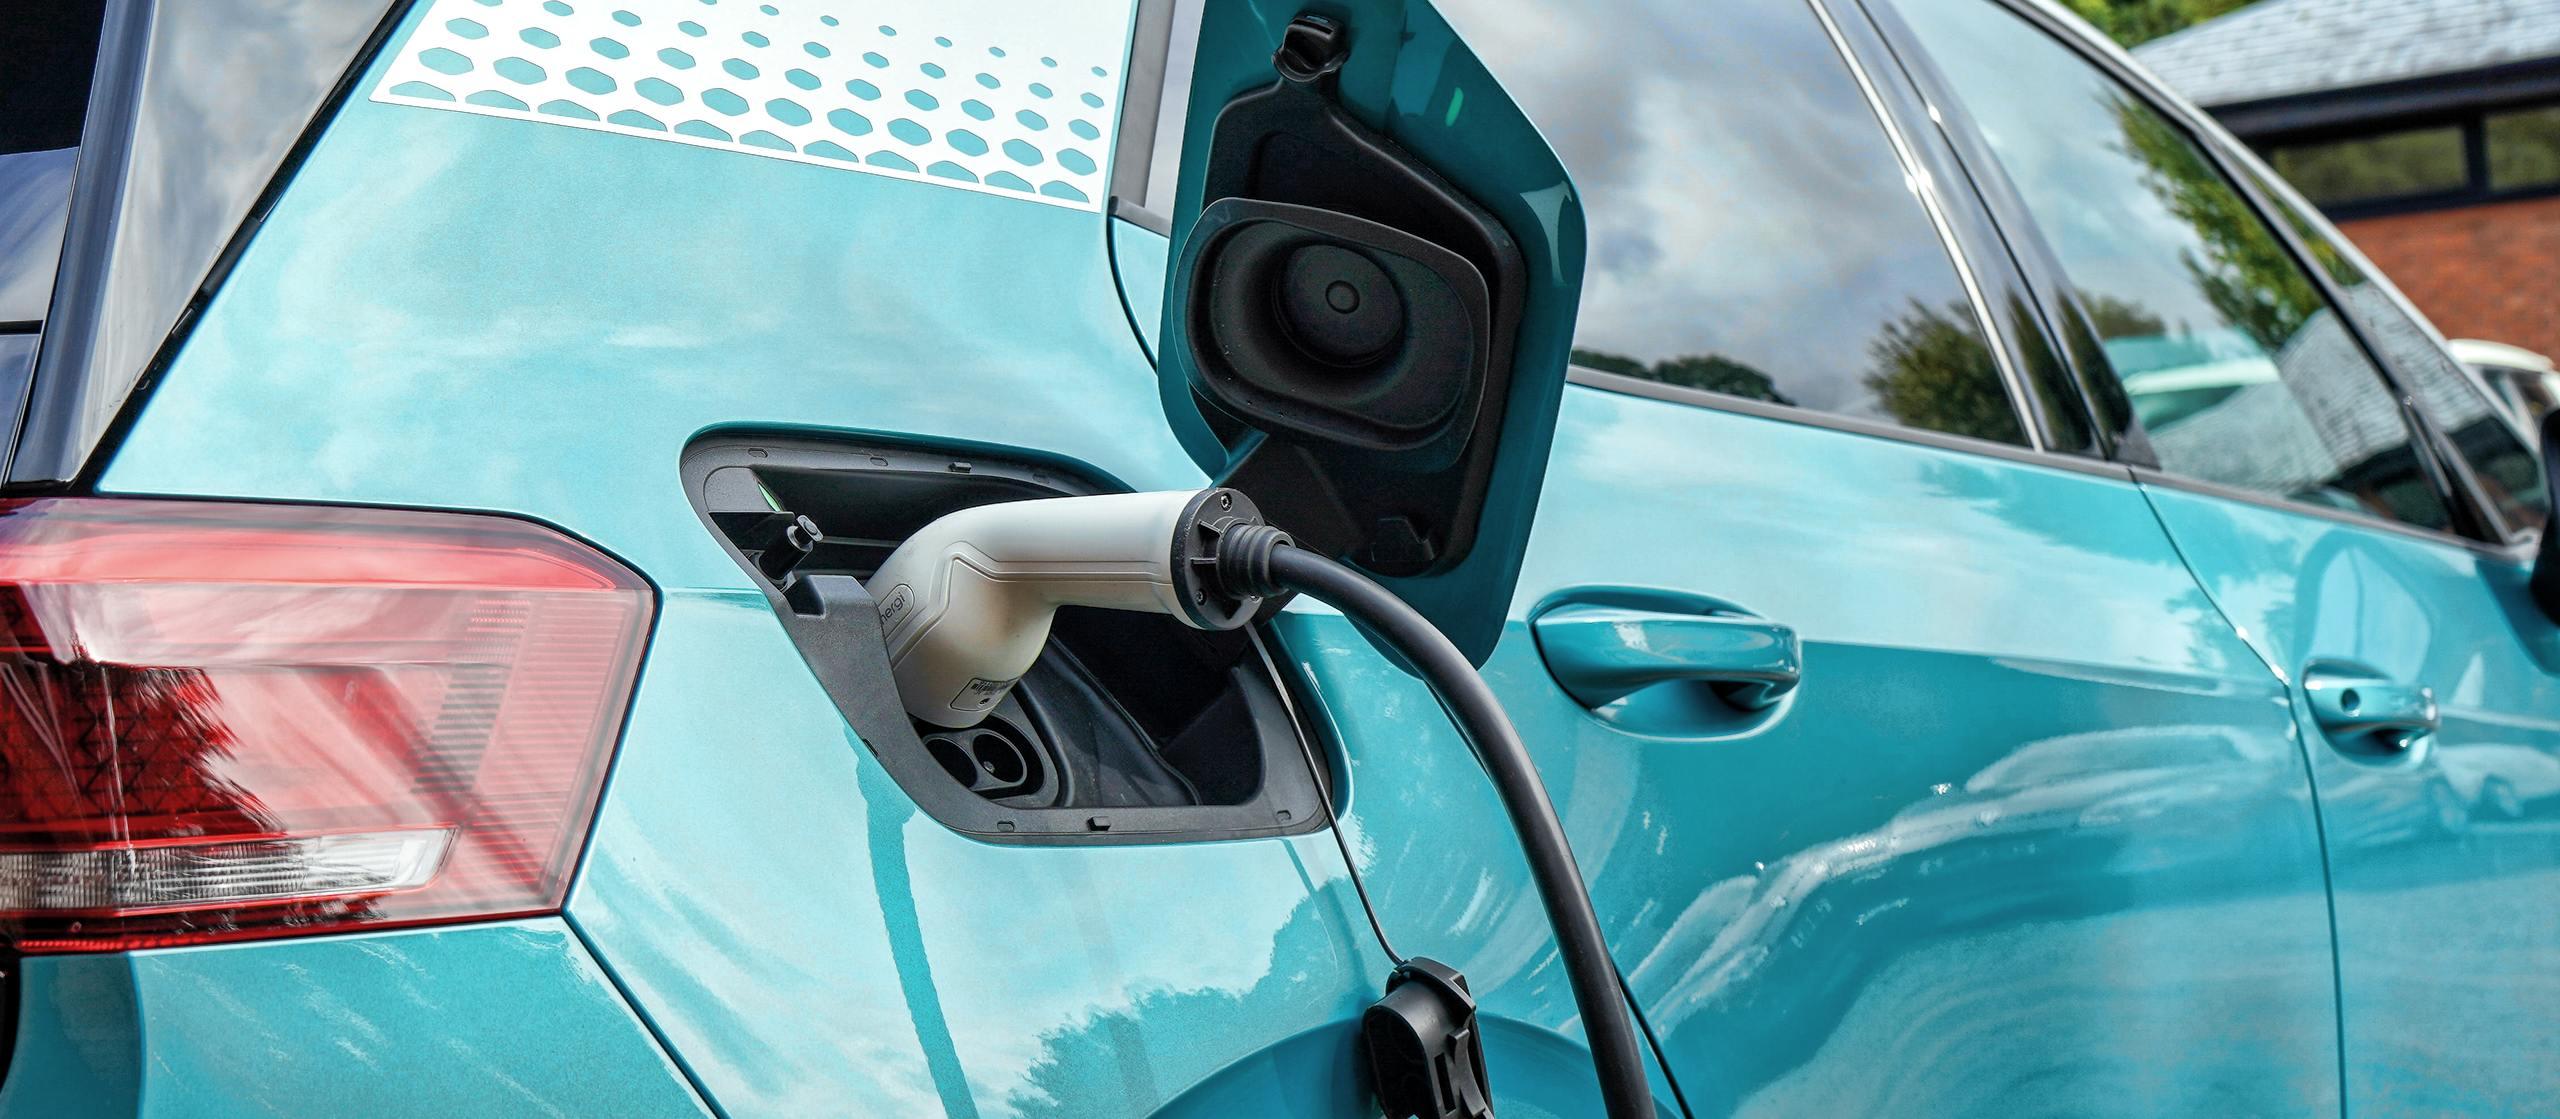 elektrische auto soorten stekkers